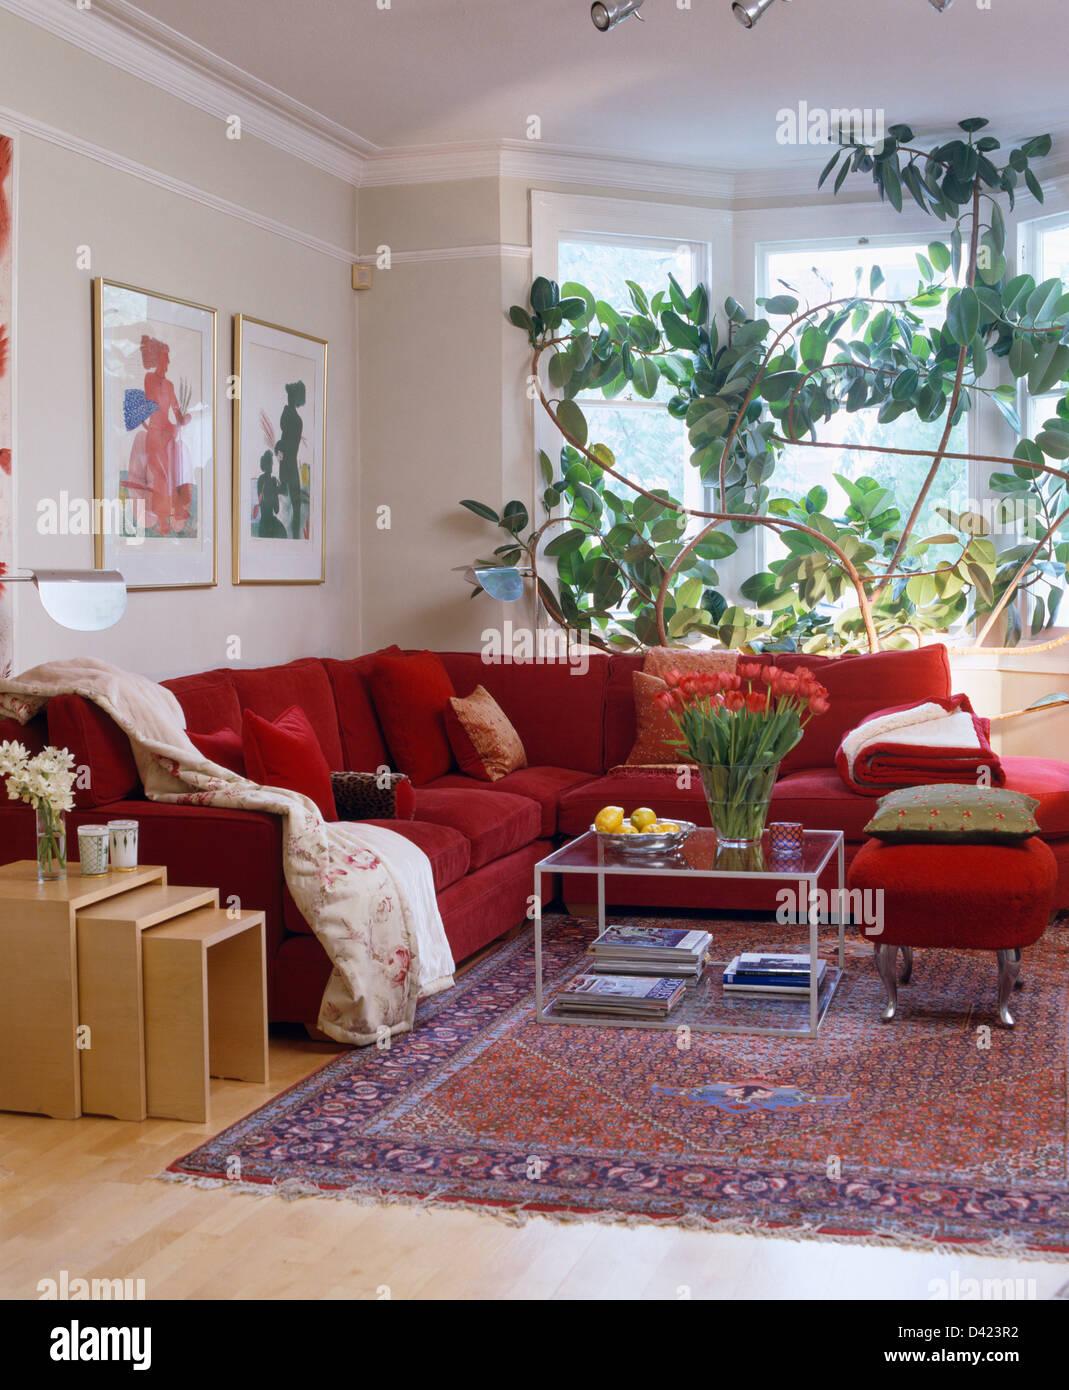 Buche nest von tabellen neben l f rmigen roten sofa im modernen wohnzimmer mit plexiglas for Salon berbere moderne